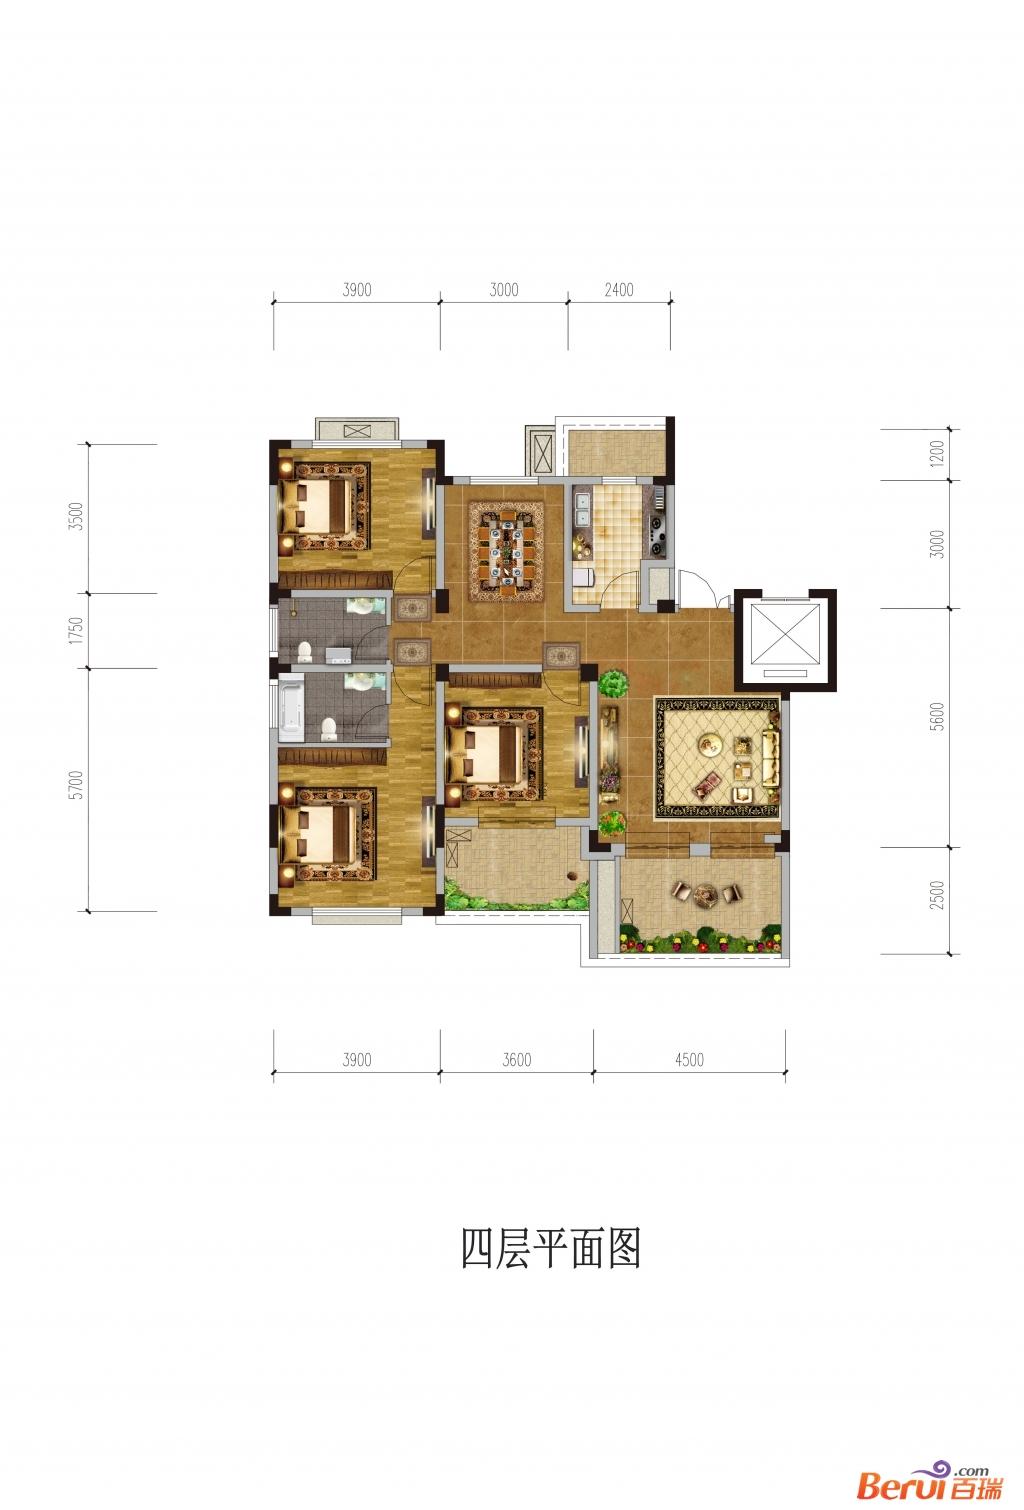 悦湖山院4层平面(洋房)